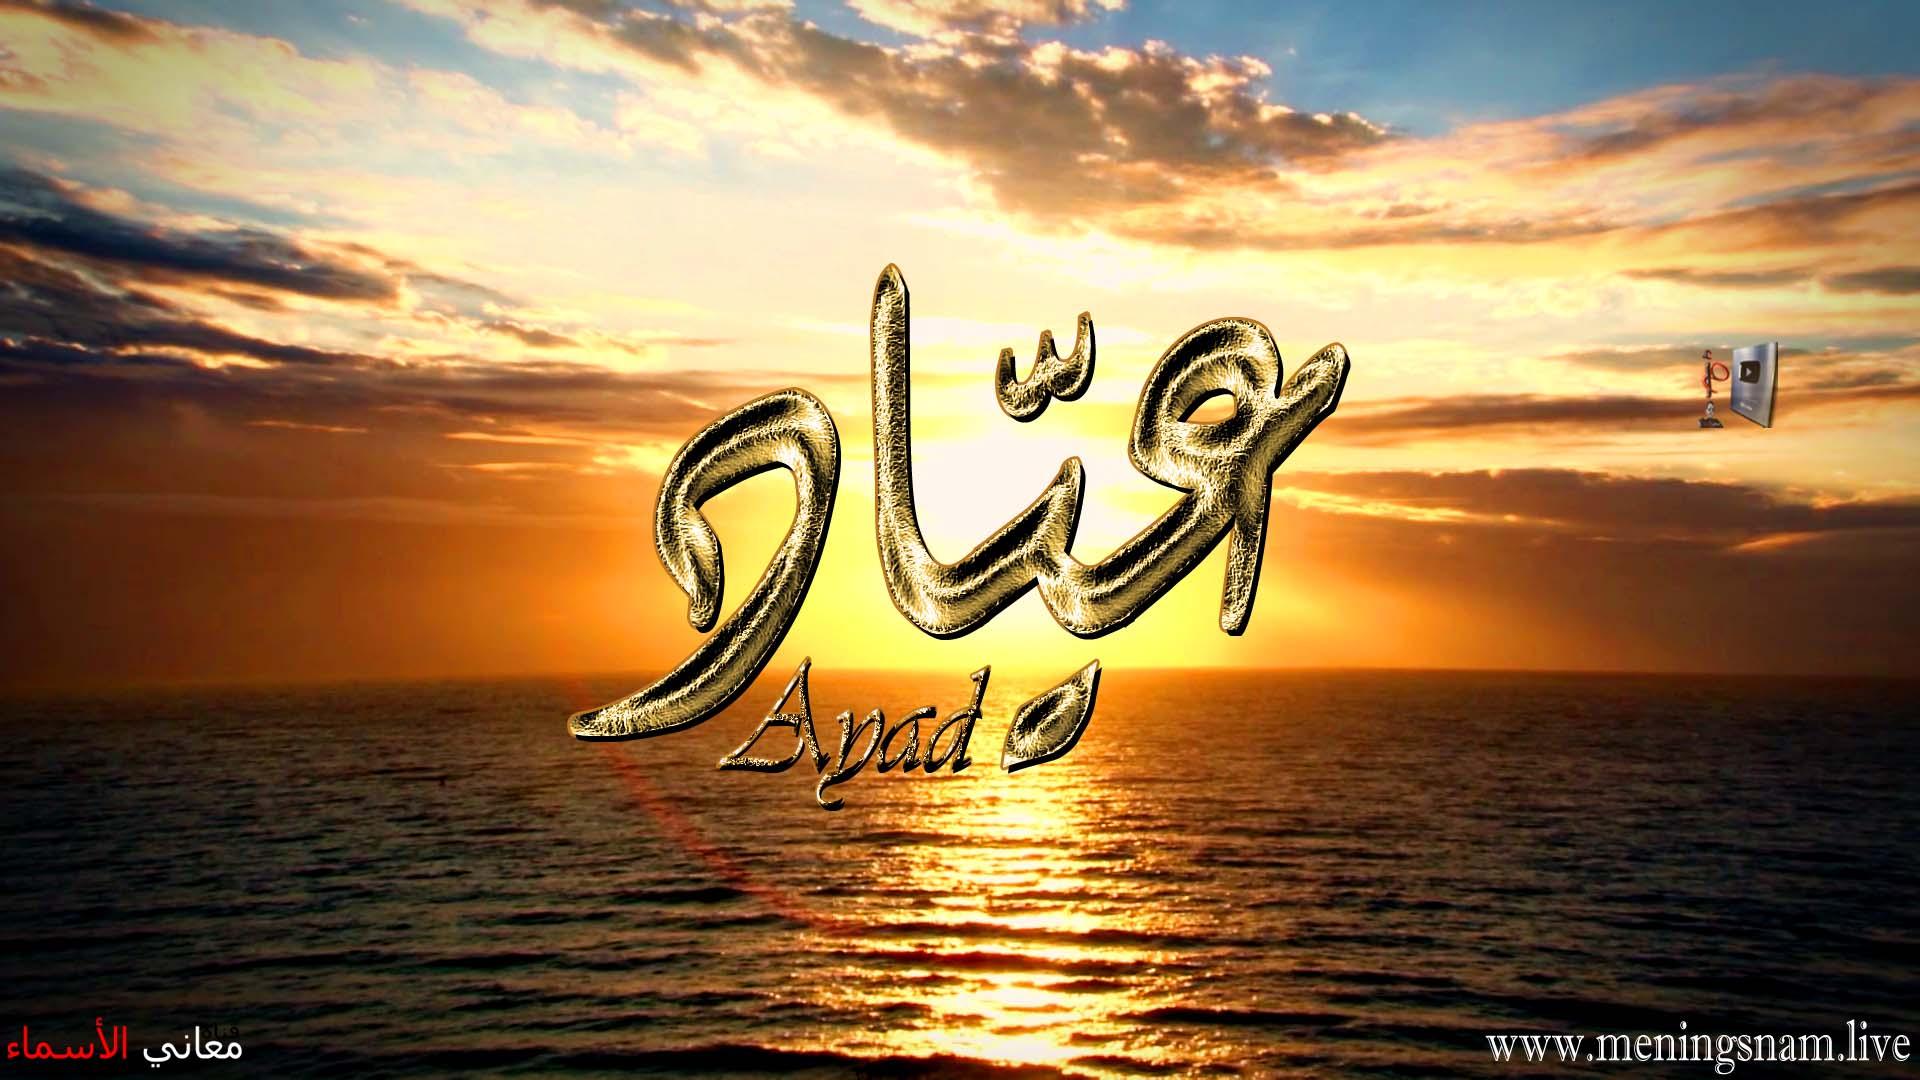 معنى اسم عياد وصفات حامل هذا الاسم Ayad